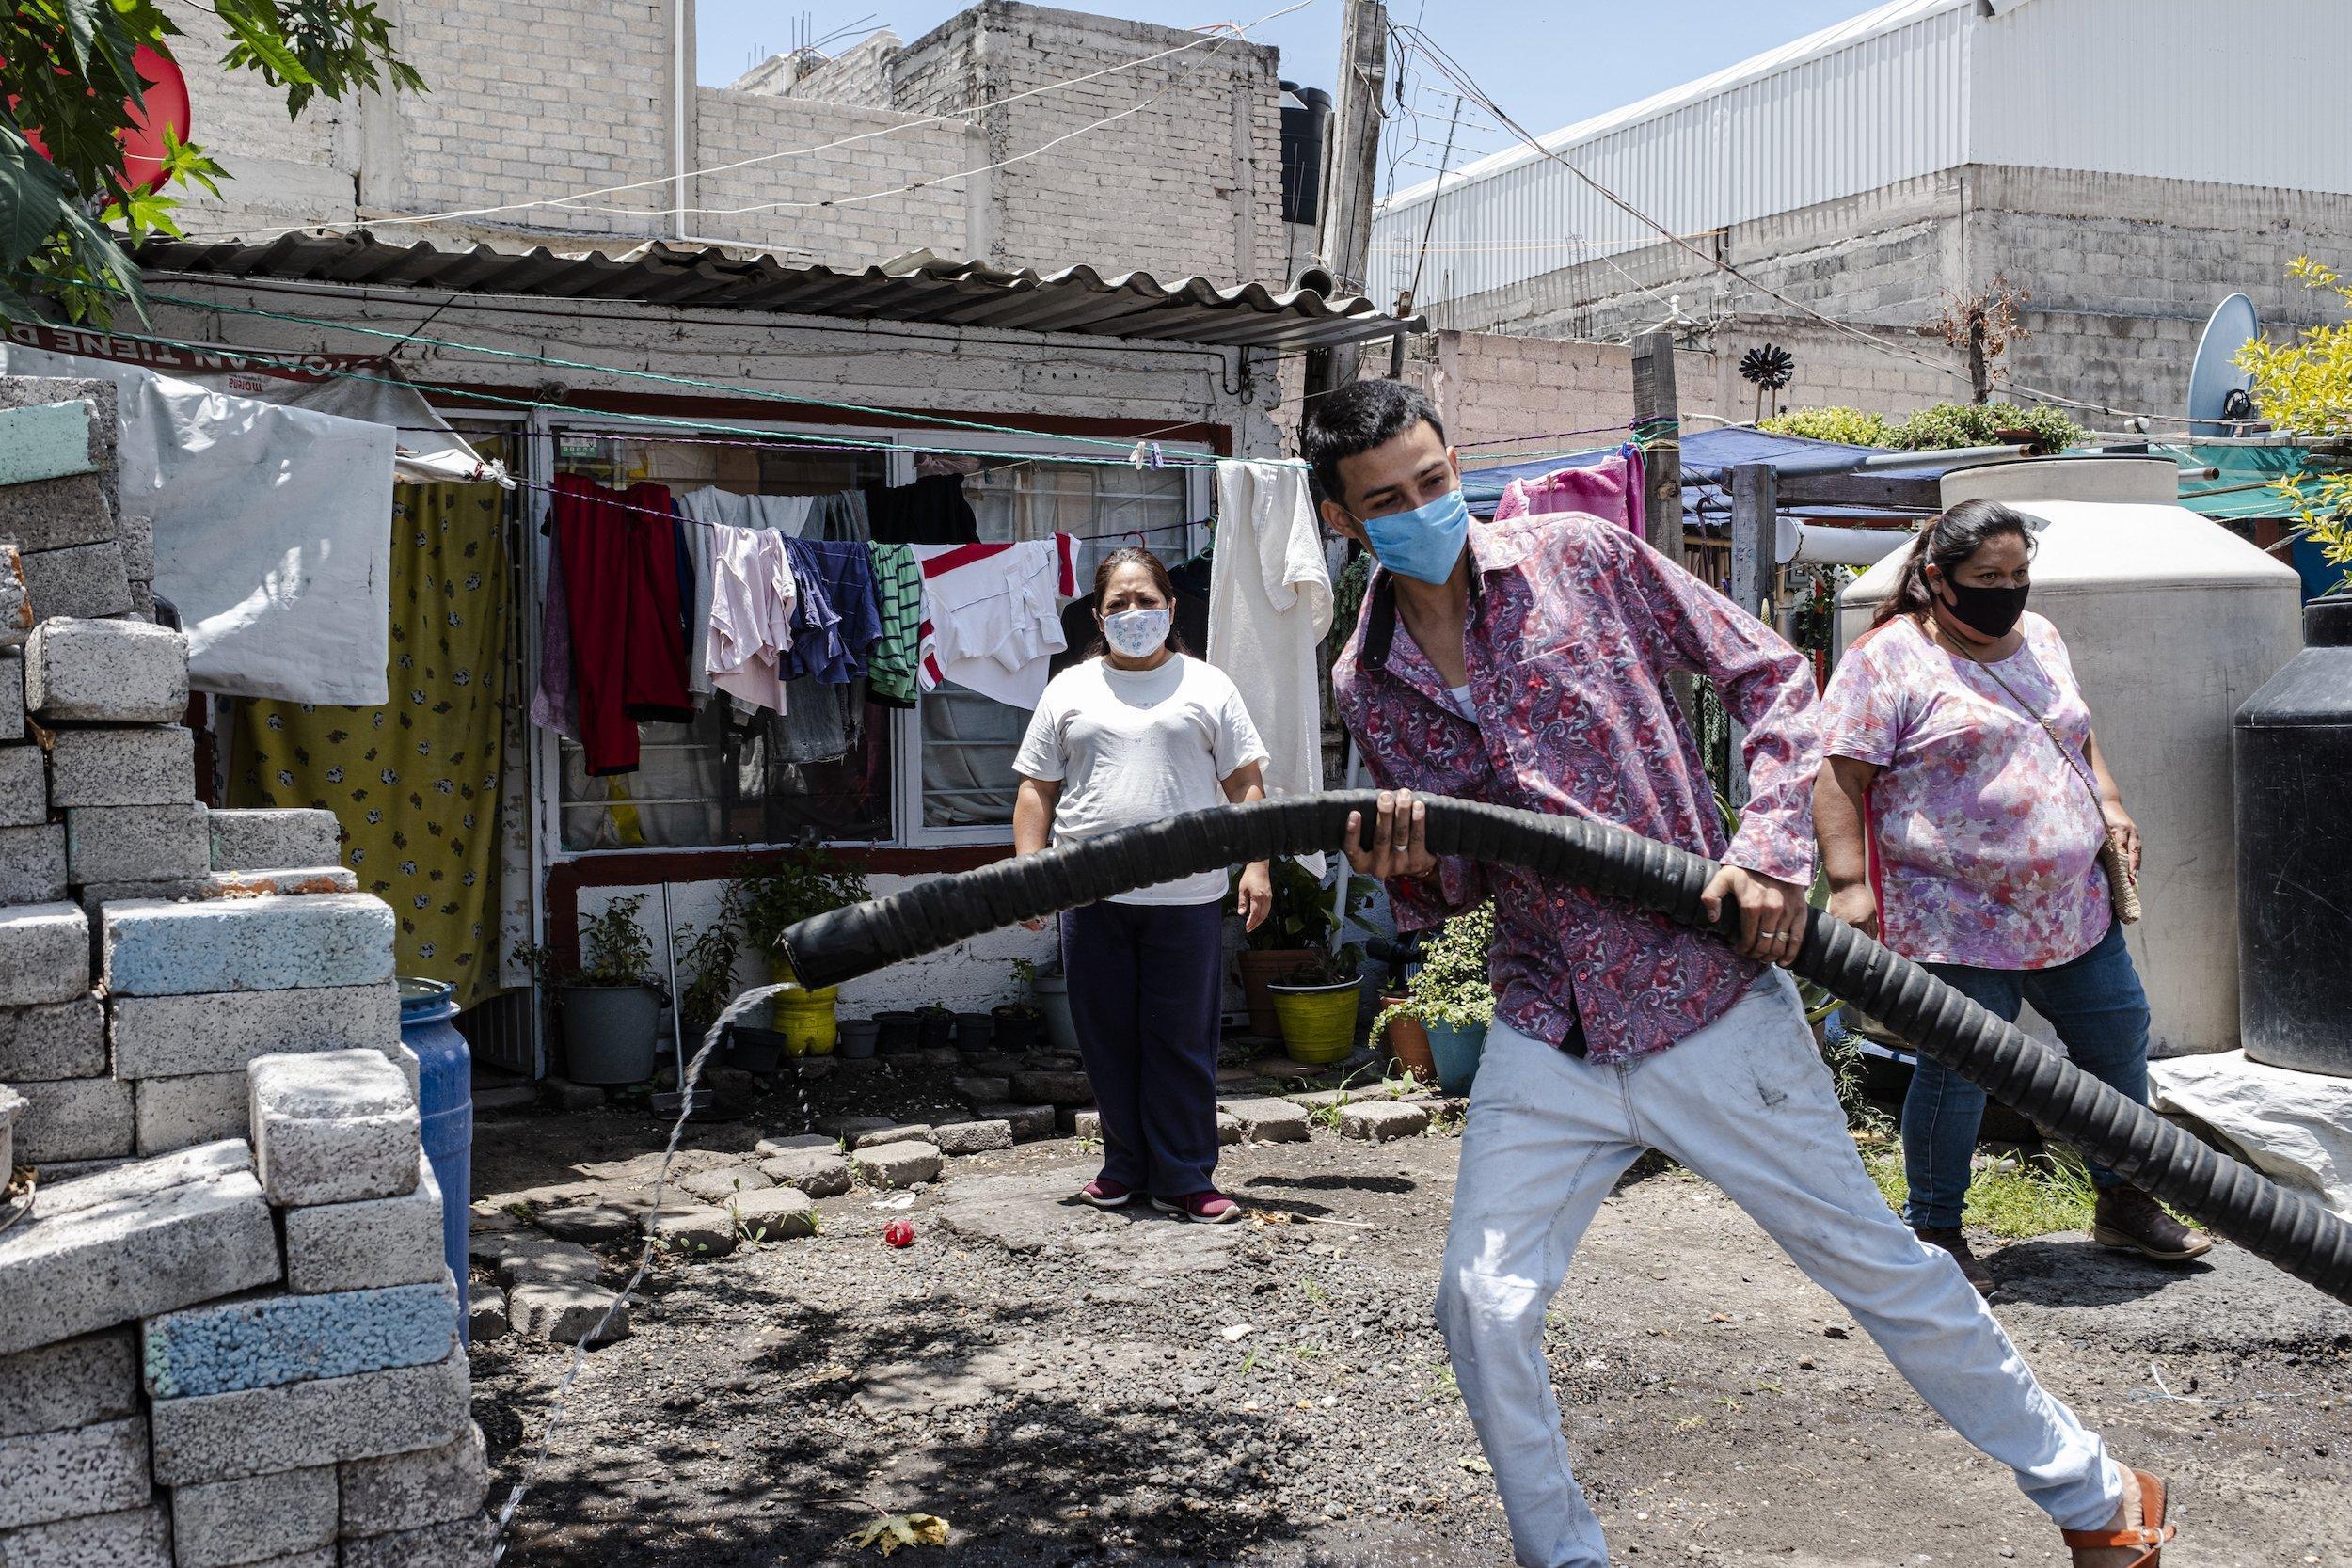 Ein junger Mann in einem mexikanischen Armenviertel zieht einen großen Wasserschlauch, um einen Behälter zu befüllen.